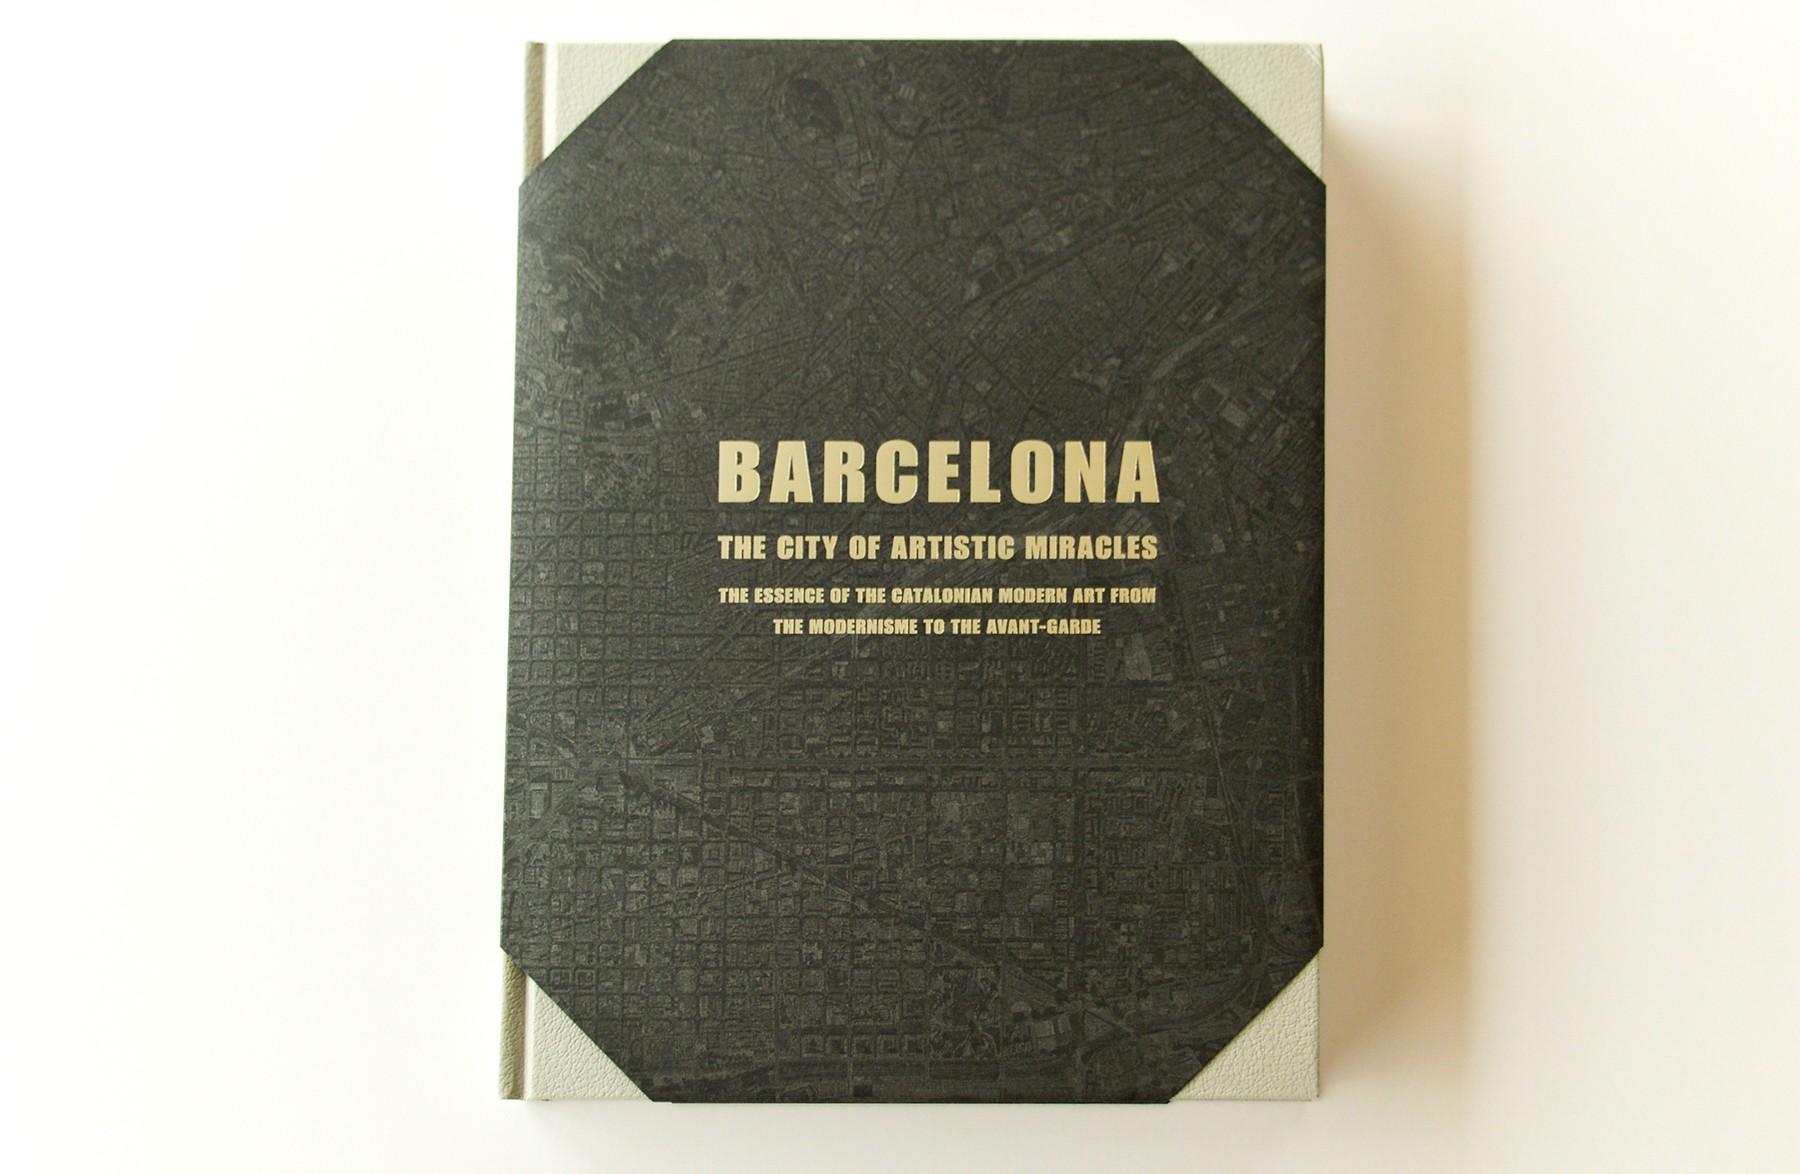 読み物●グッズで旅行気分に!「バルセロナ」展グッズのご紹介1